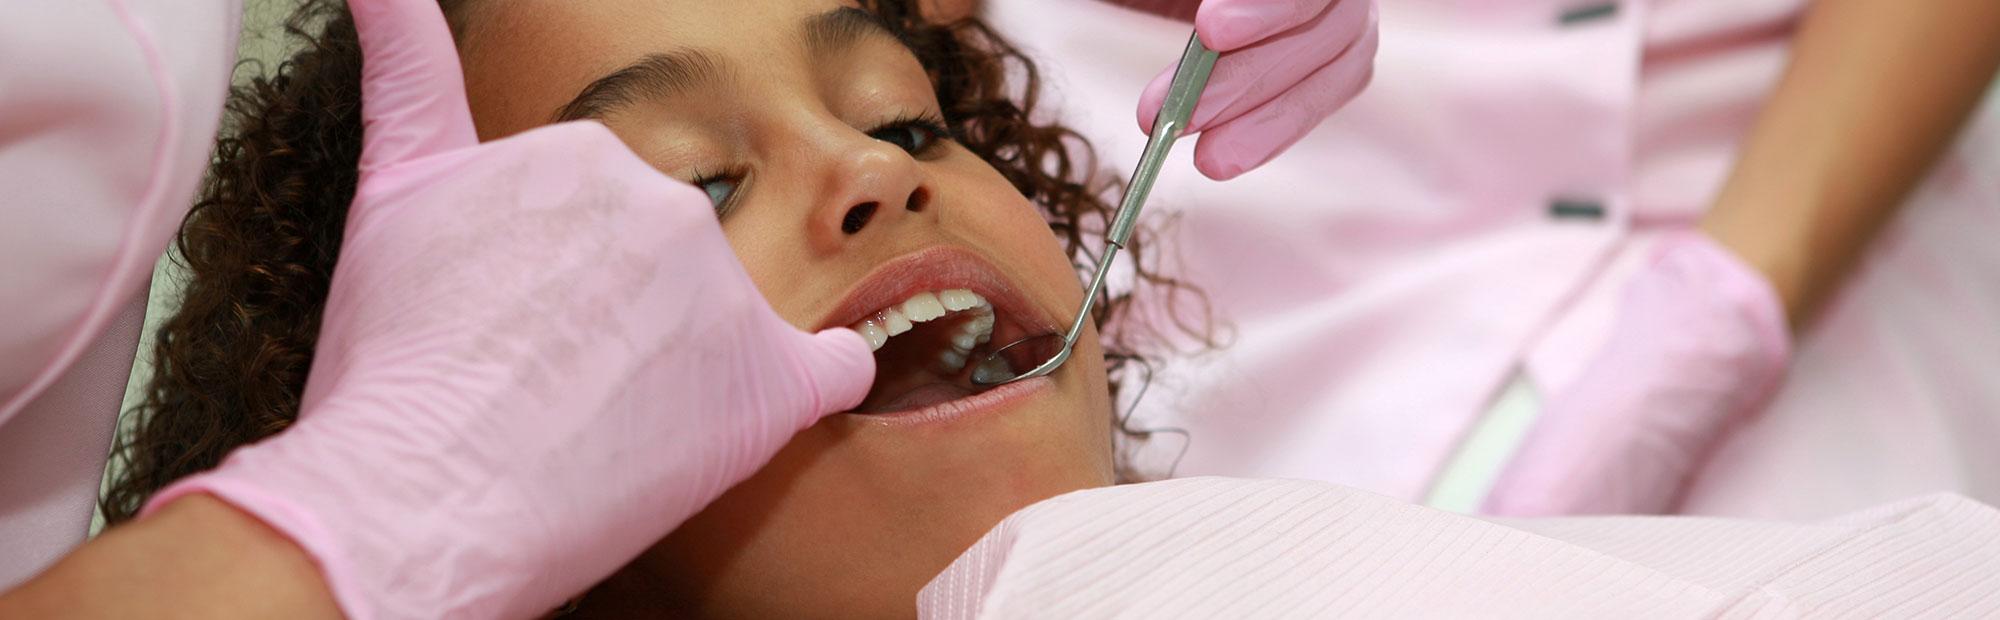 tandarts controle